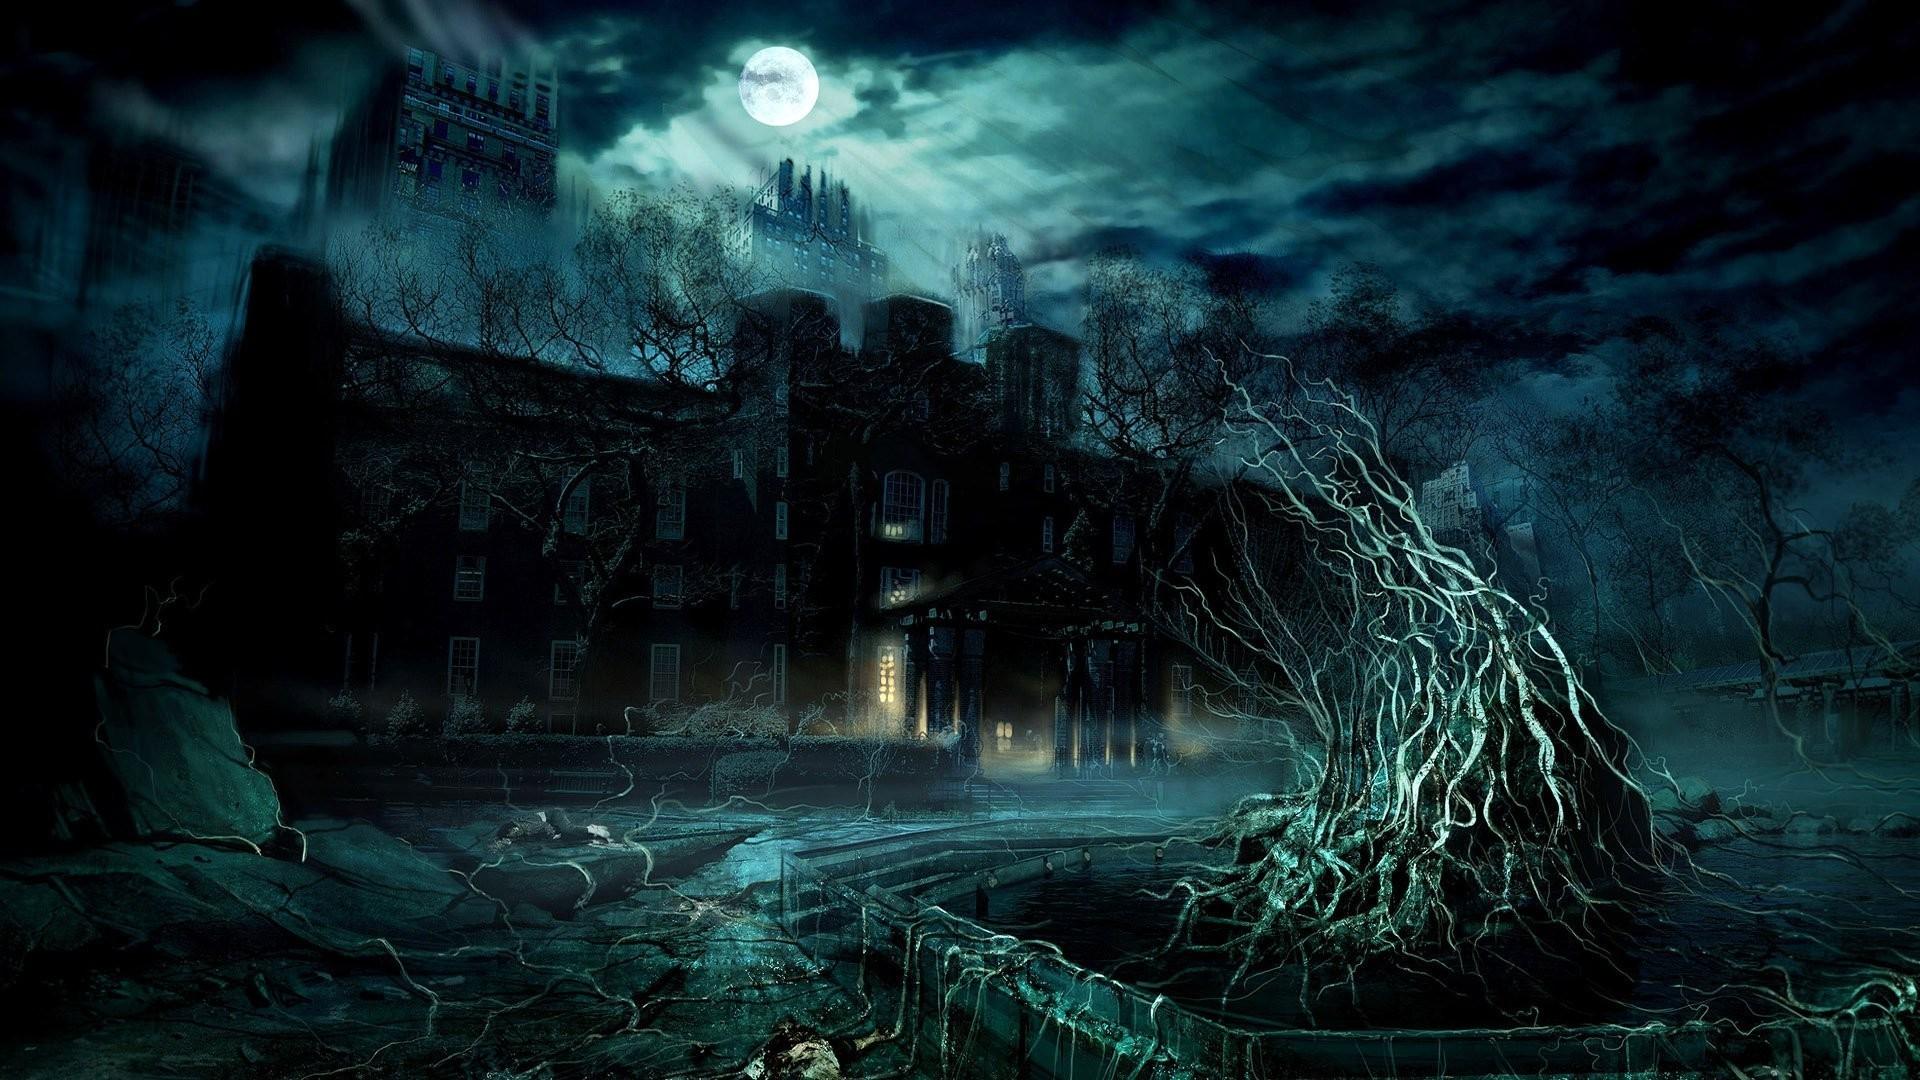 dark forest | Dark Forest Moon HD Widescreen Wallpaper Dark Forest Hot  Wallpaper .